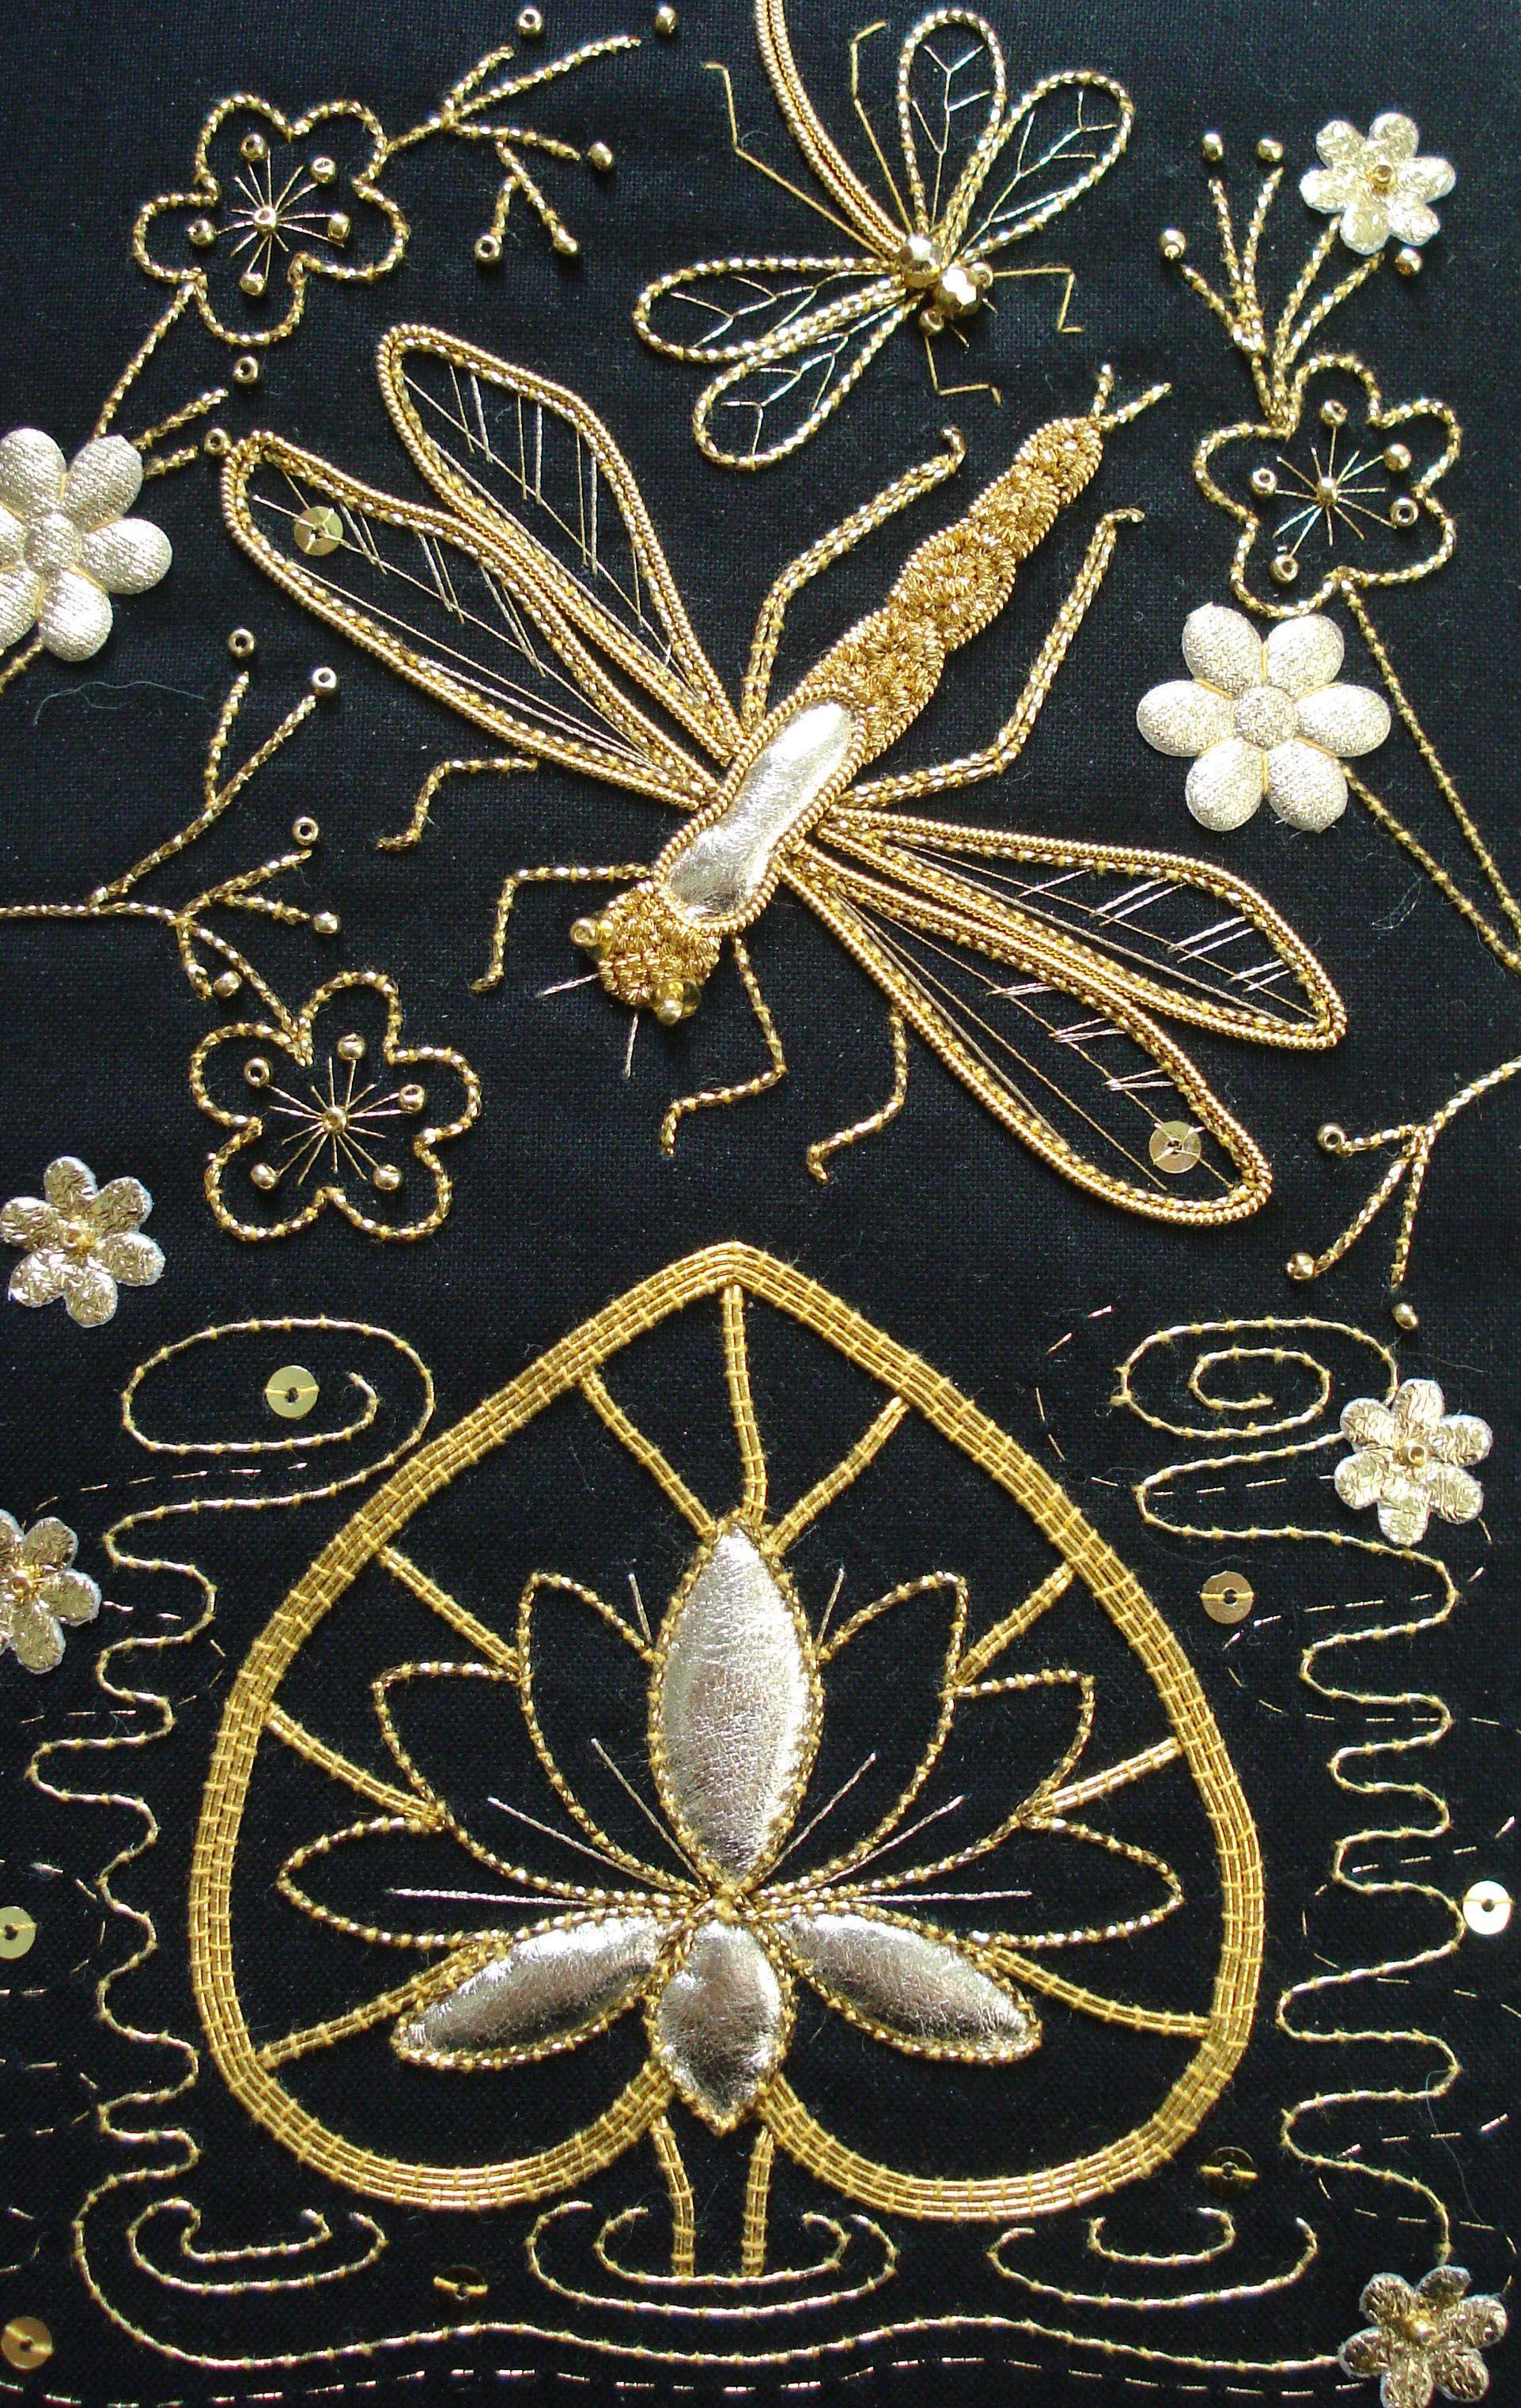 goldwork   Dragonfly-Libelulas   Pinterest   Bordado, Libélulas y Oro